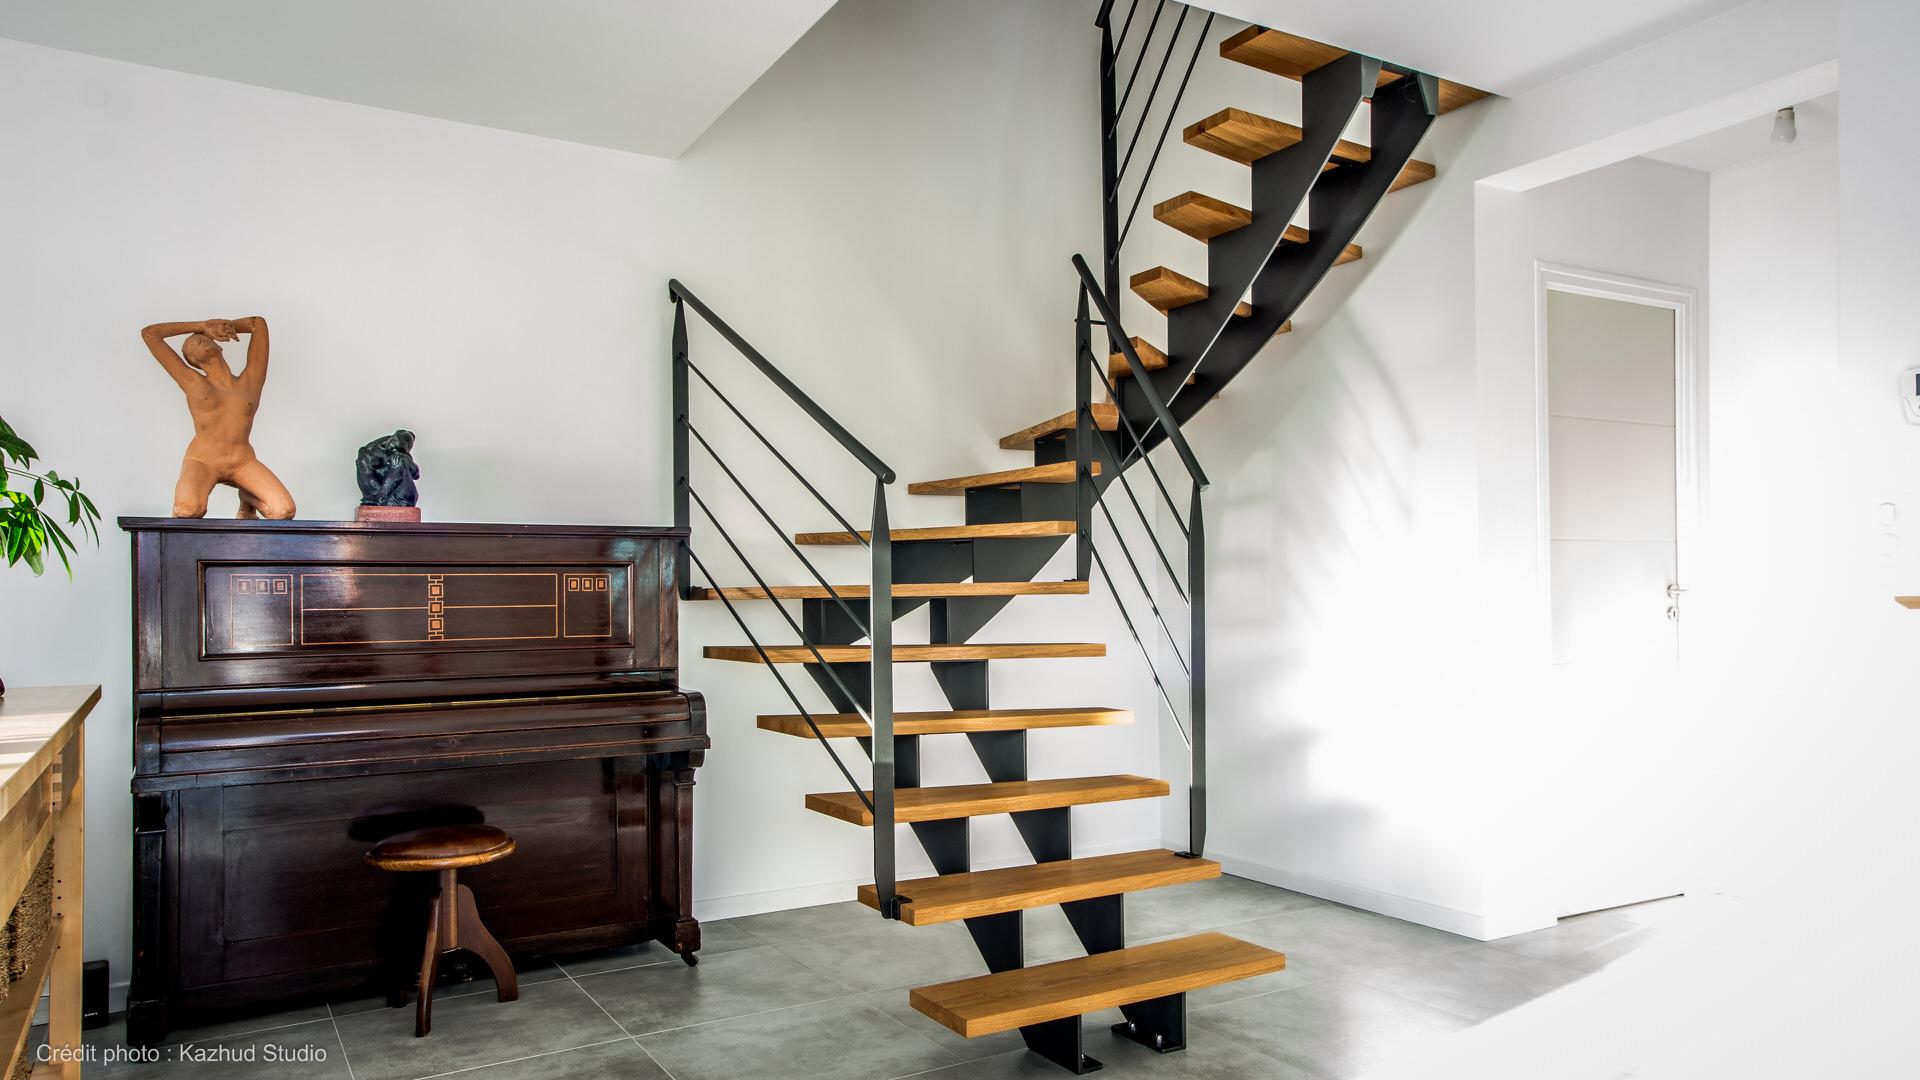 novimetal-style-escalier-limons-au-tiers-1